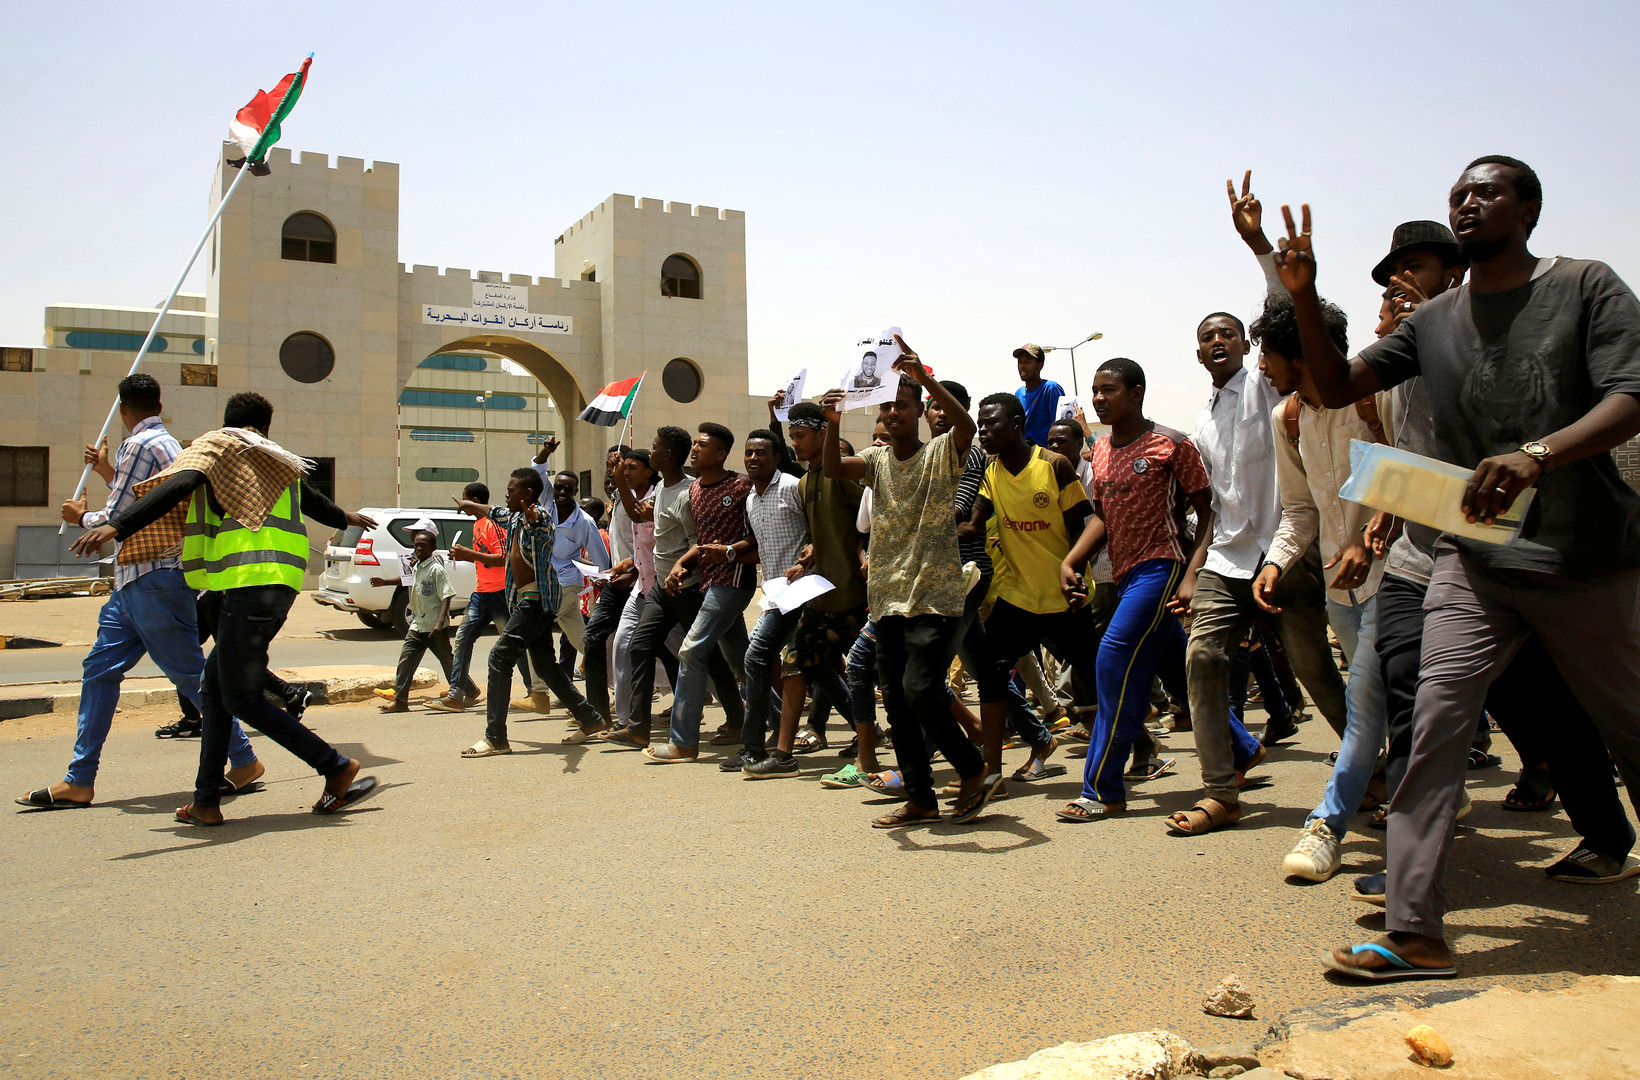 احتجاجات في السودان - أرشيف